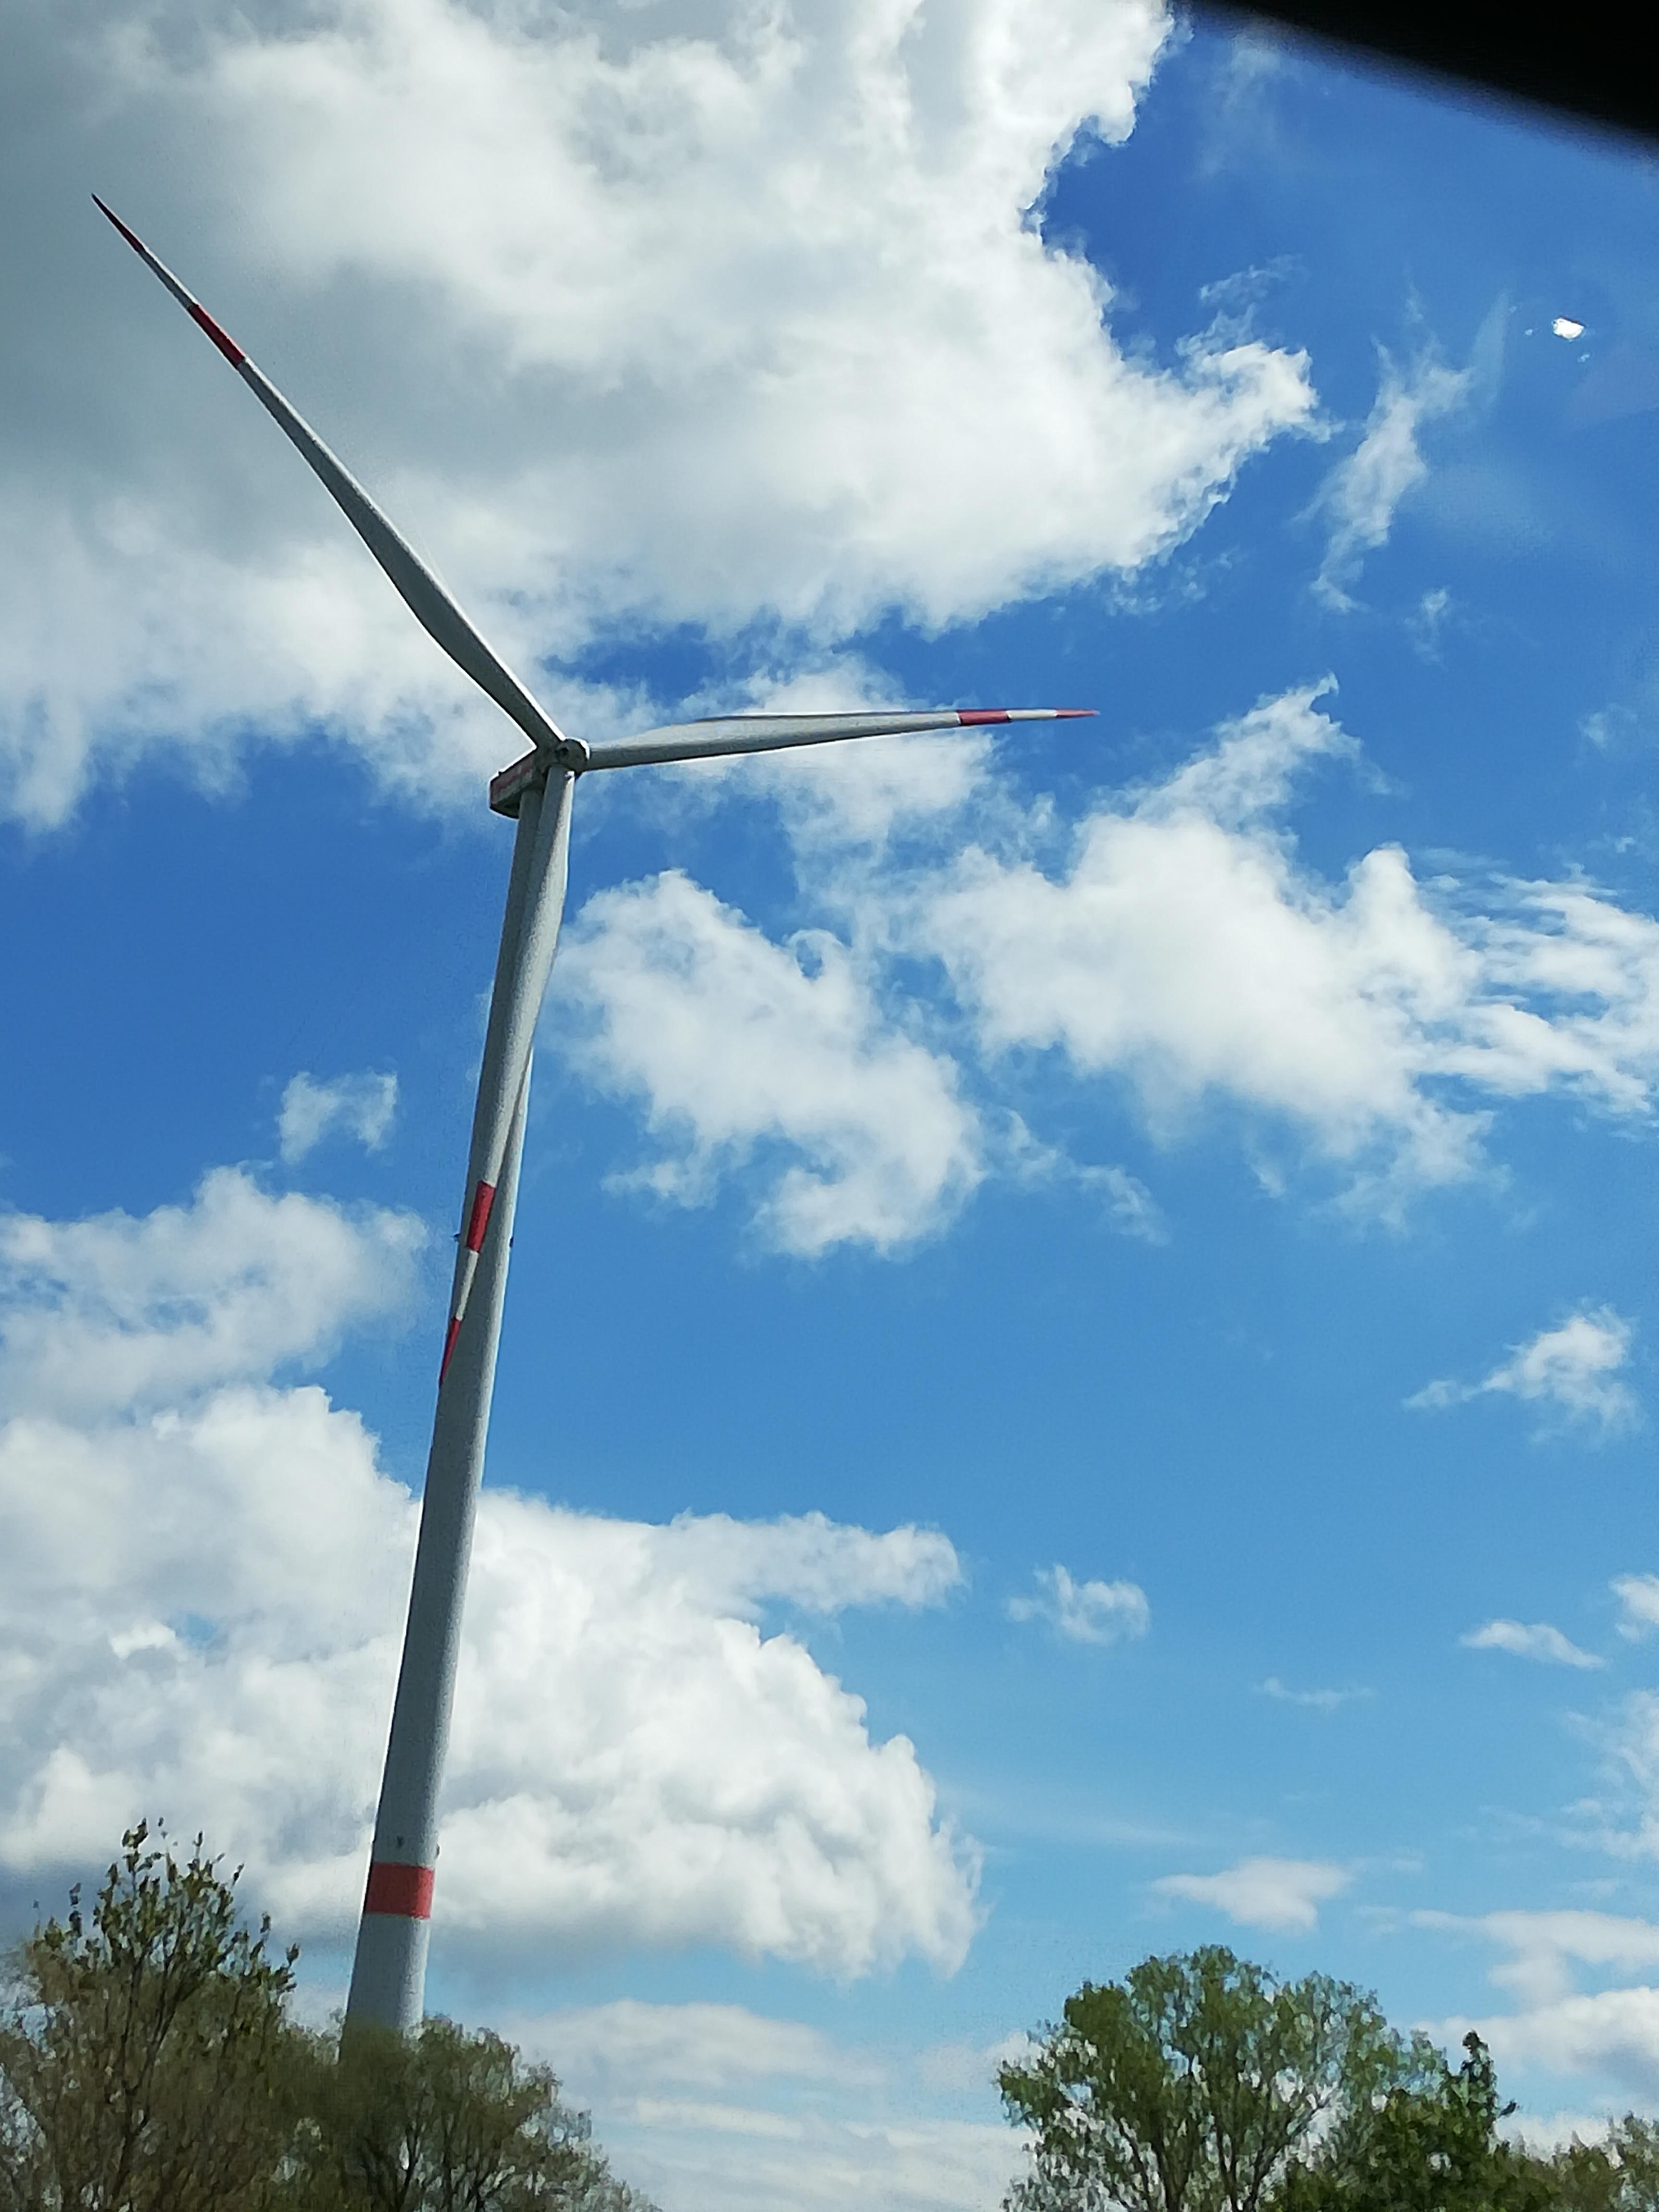 hyundai-nexo-range-test-hydrochan-Vienna-Offenbach-Innsbruck windkraftanlage himmel blau wolken